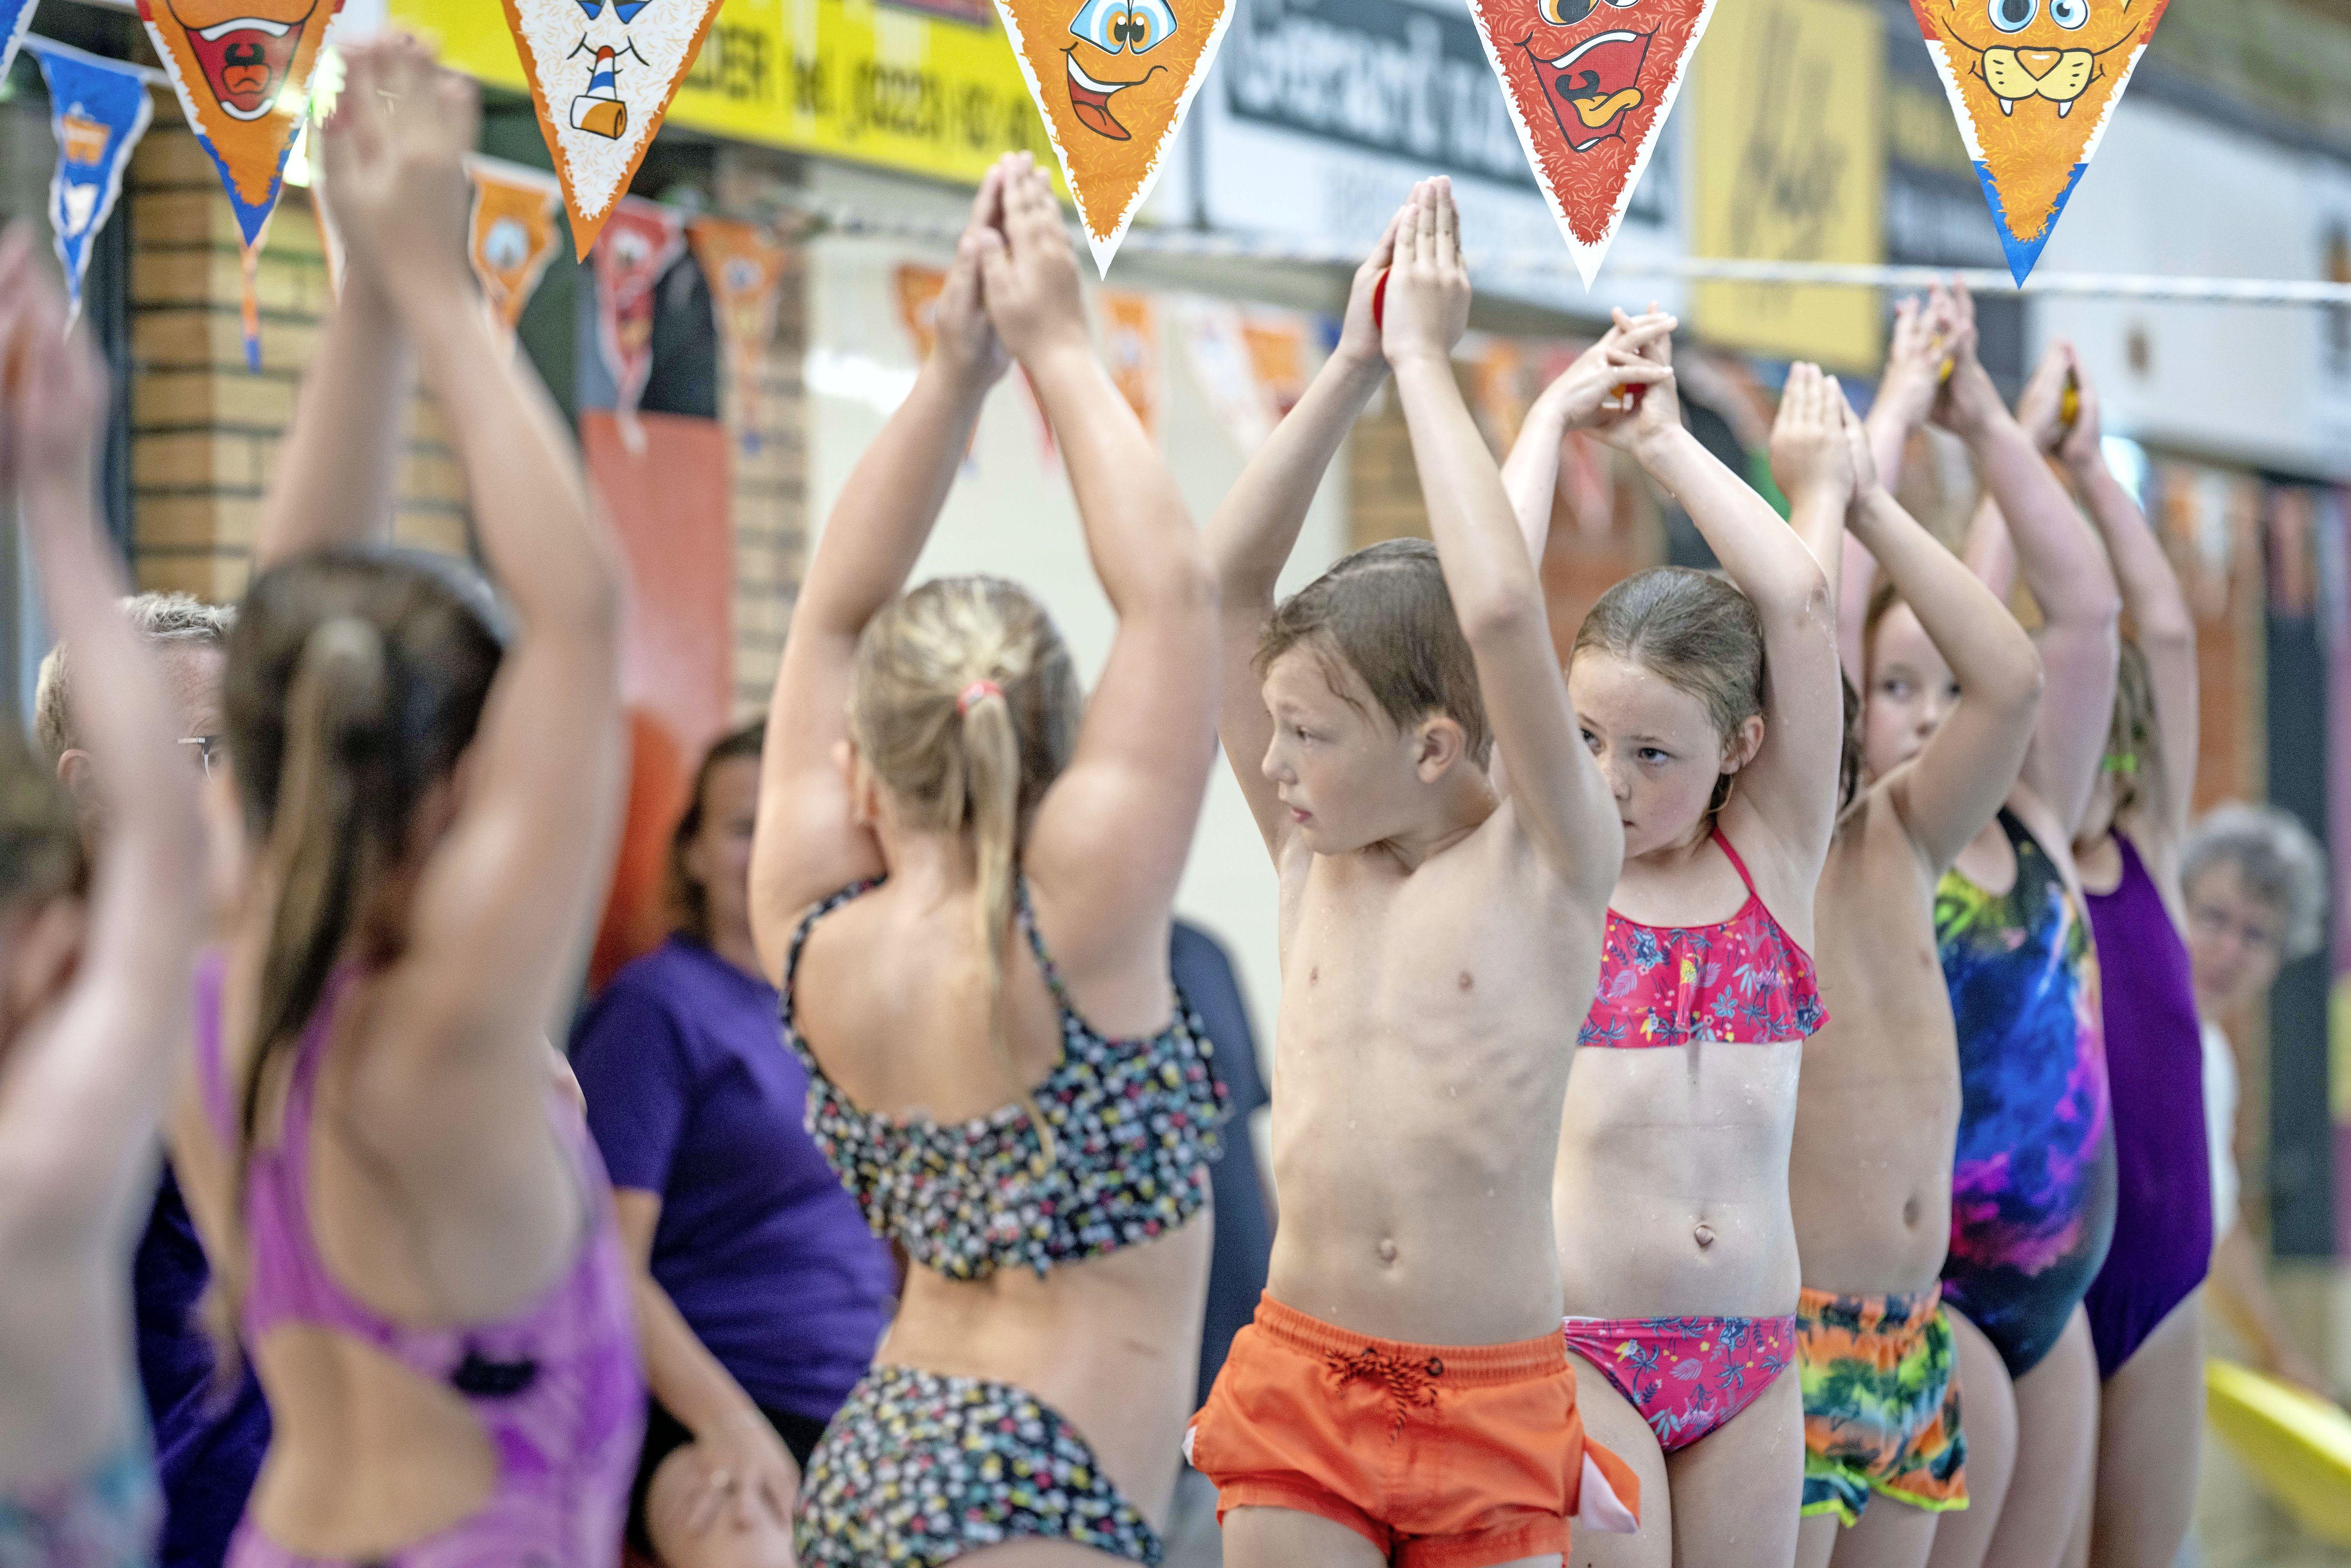 'Vandaag gingen we kopje onder.' Basisschool De Zandhorst doet na 12,5 jaar weer aan schoolzwemmen in Breezand, tot groot plezier van de leerlingen